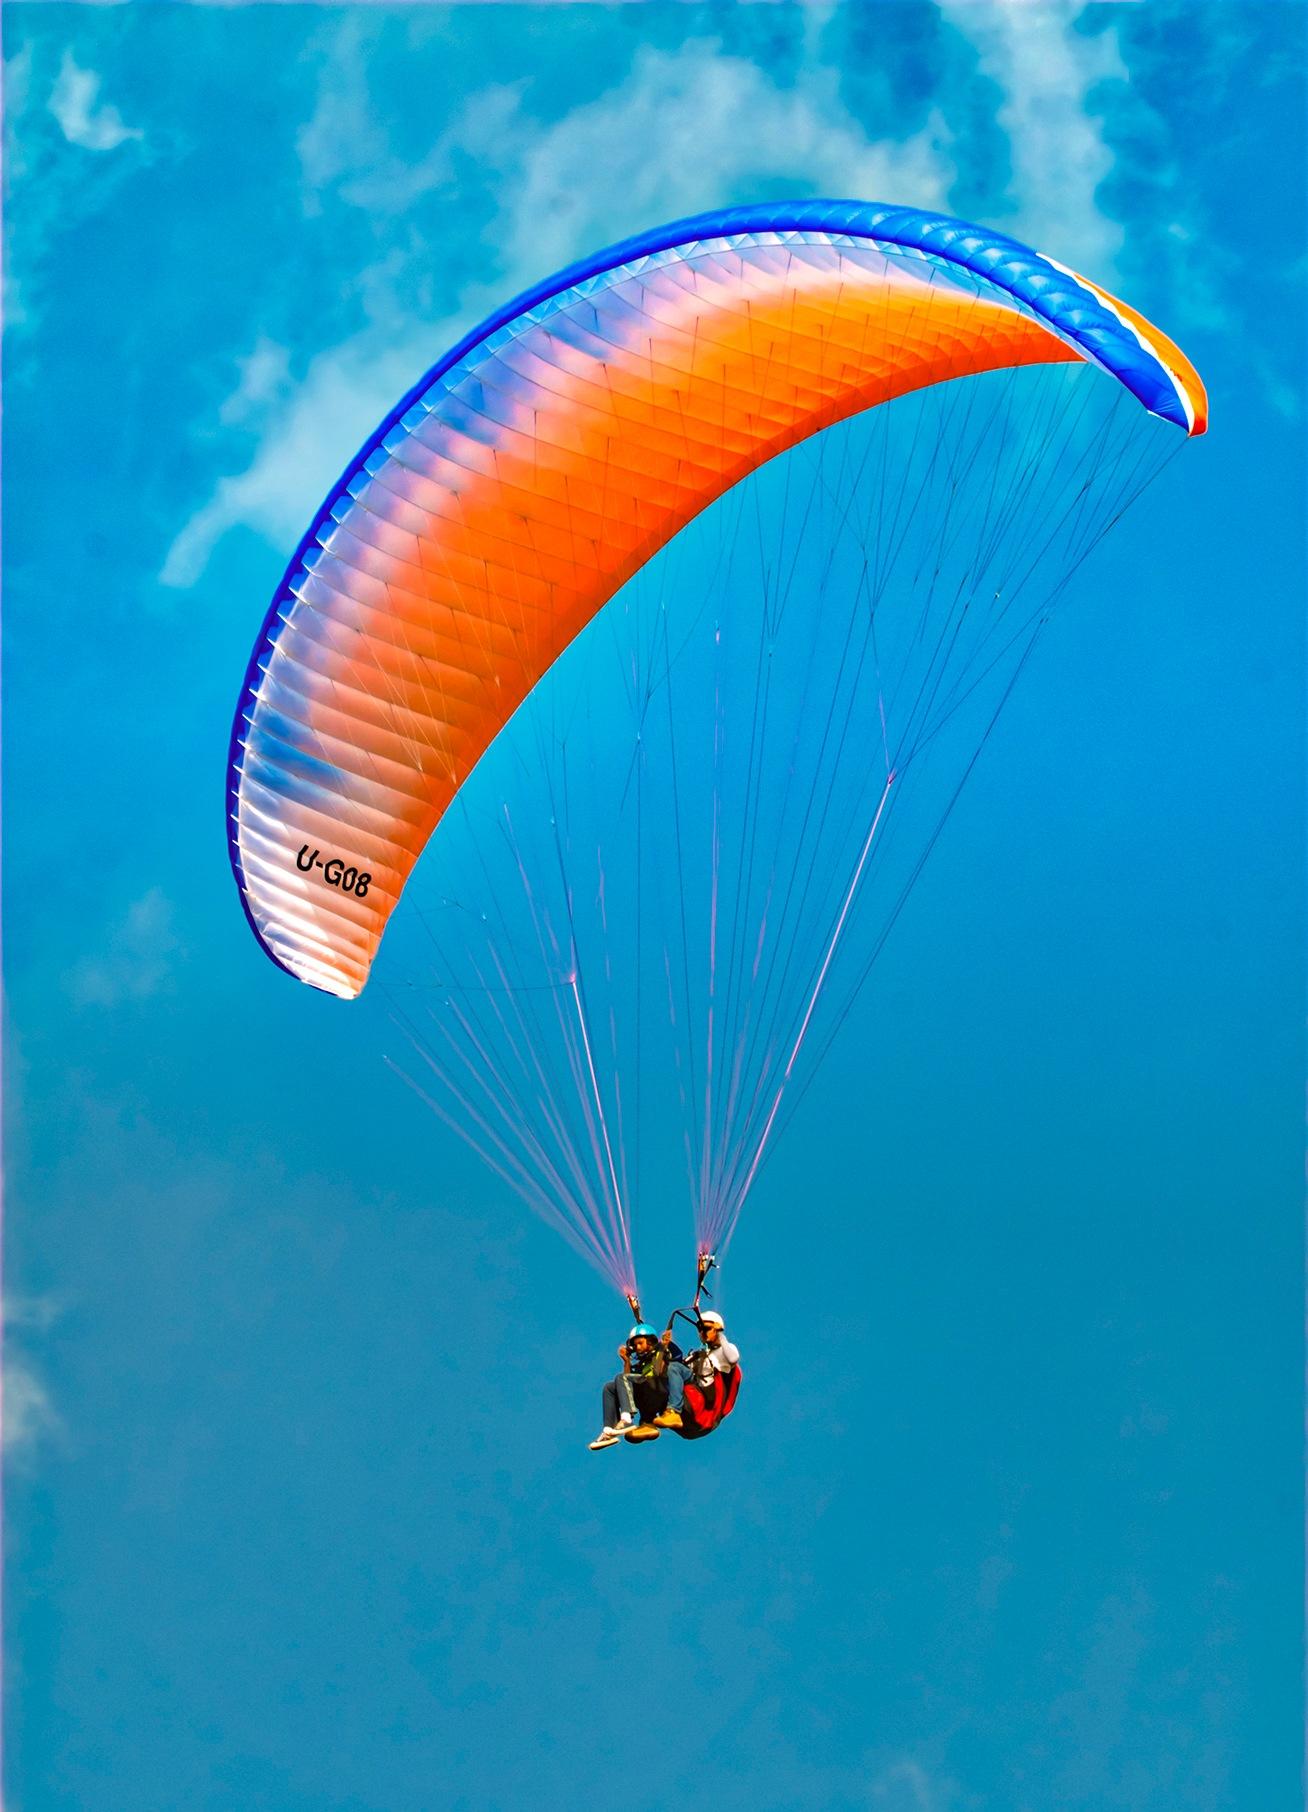 Glider by sajan k s